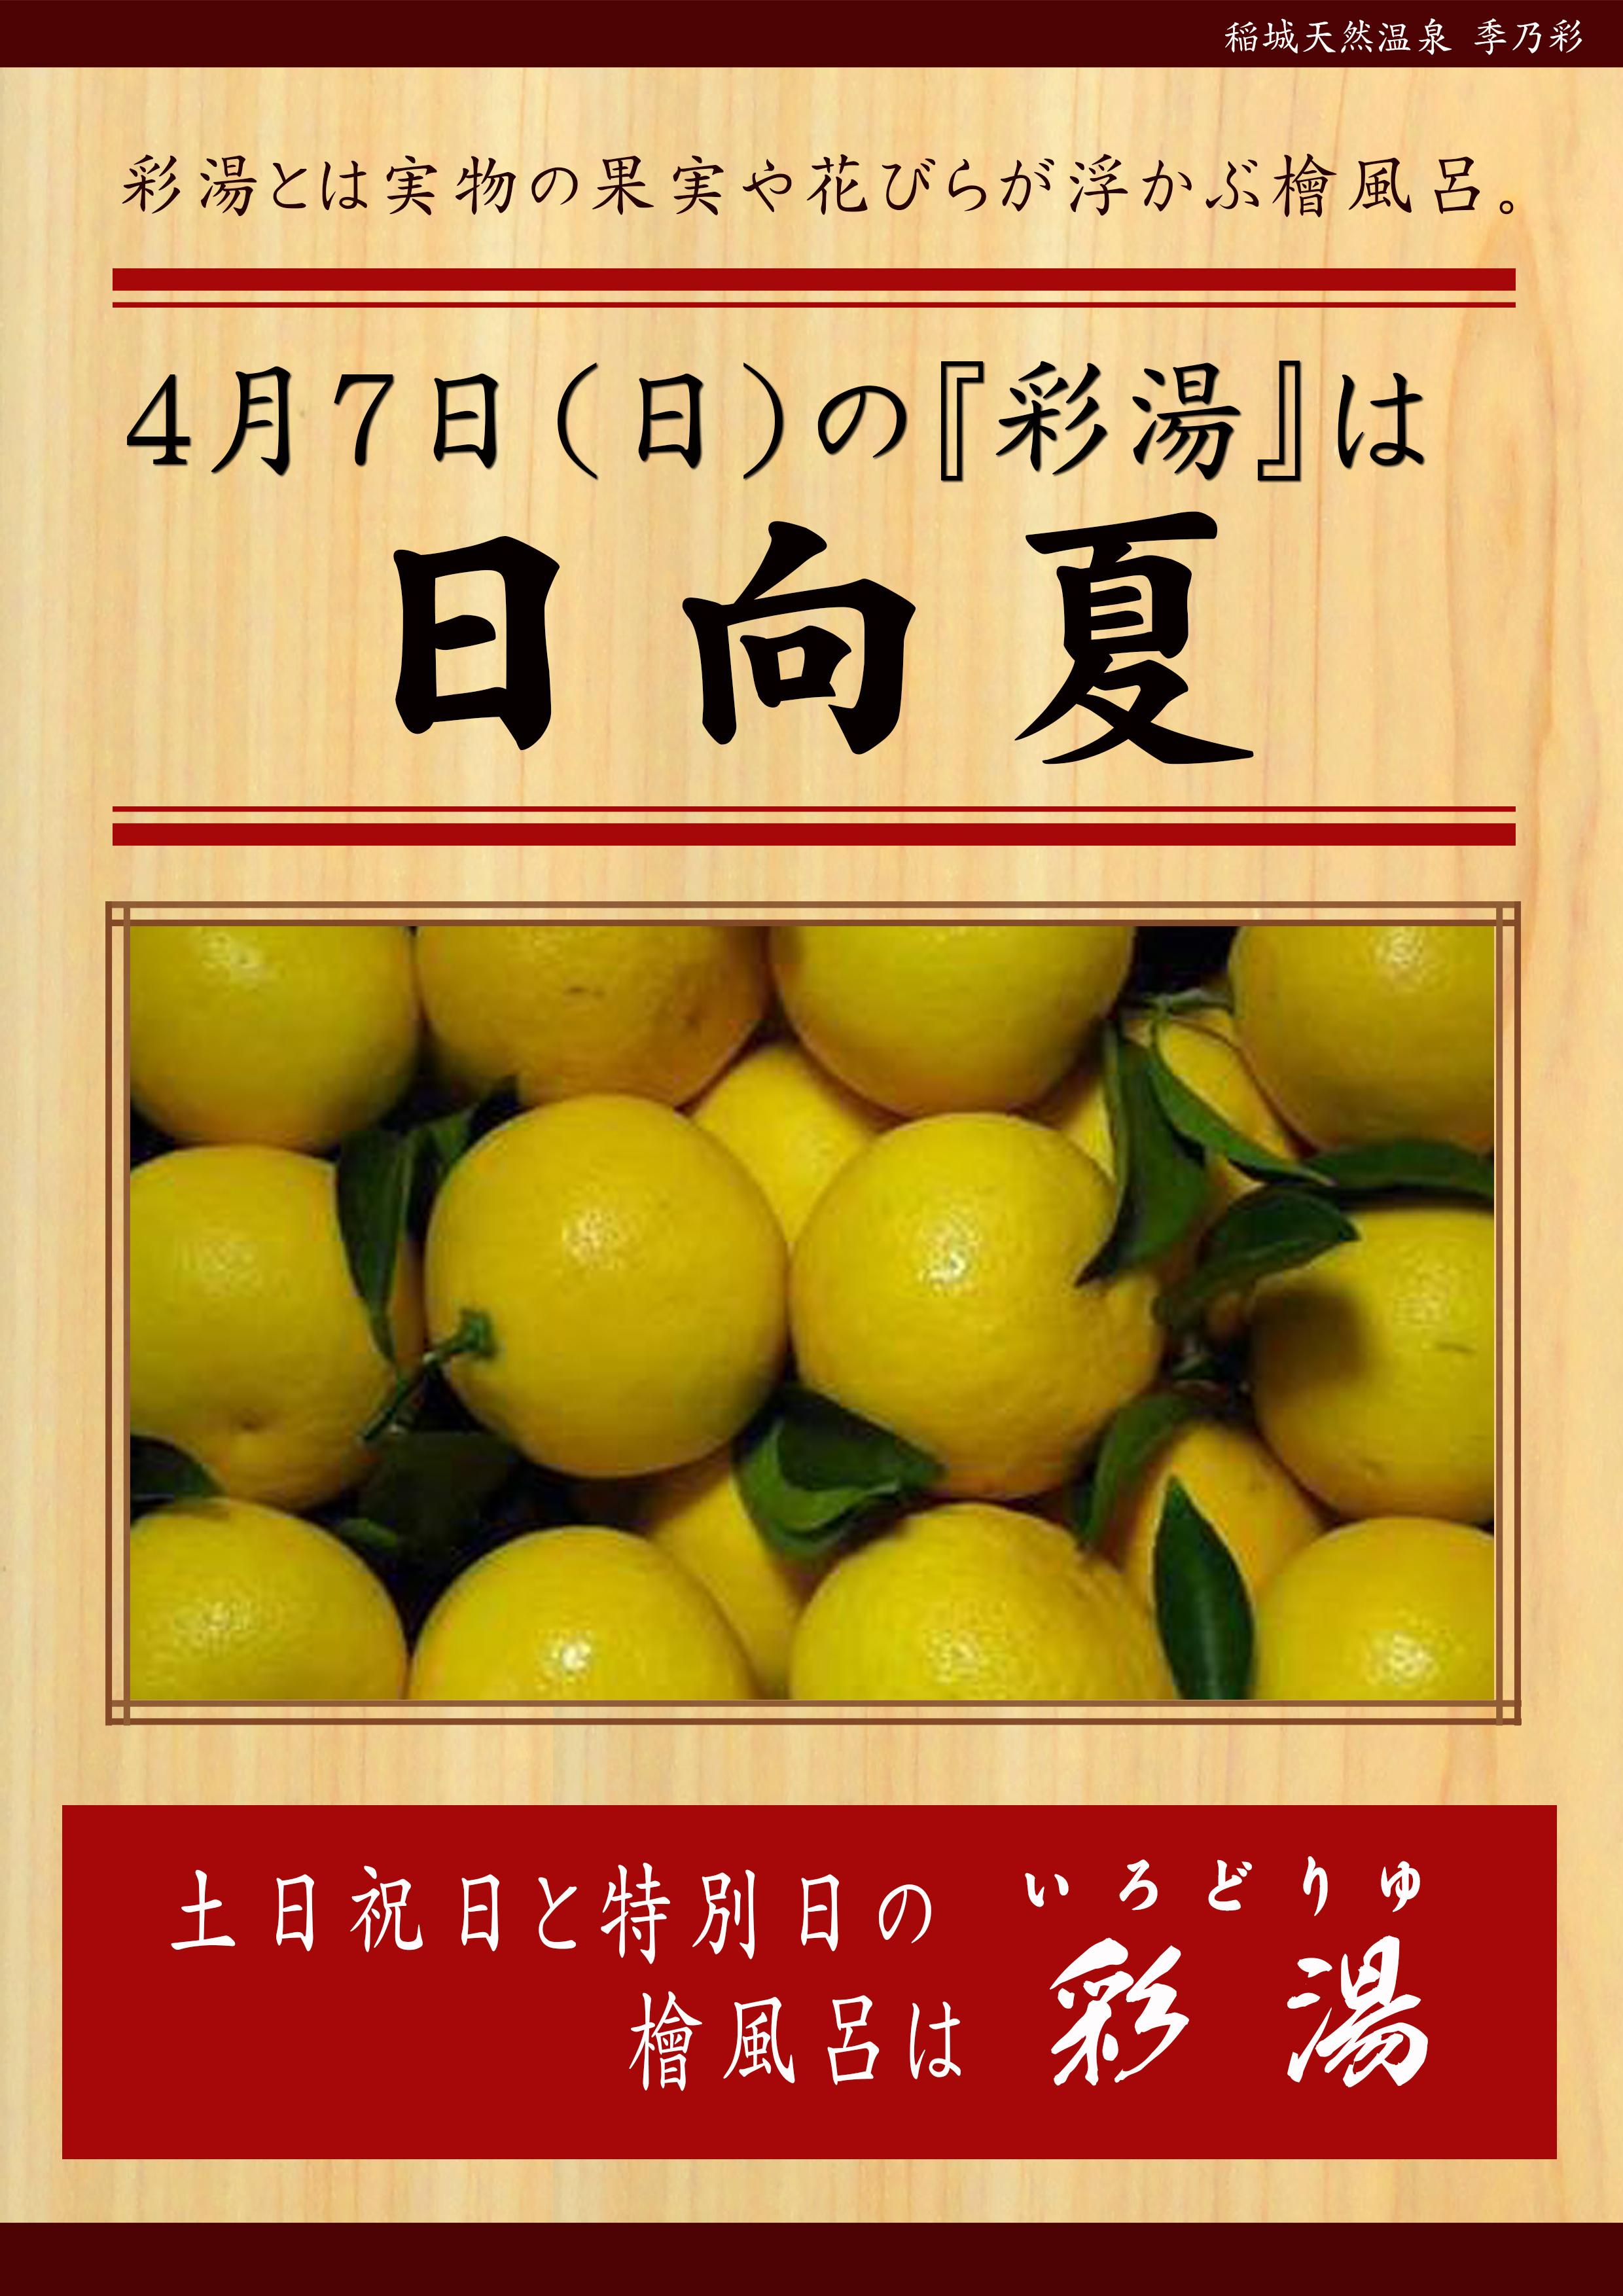 20190407POP イベント 彩湯 日向夏